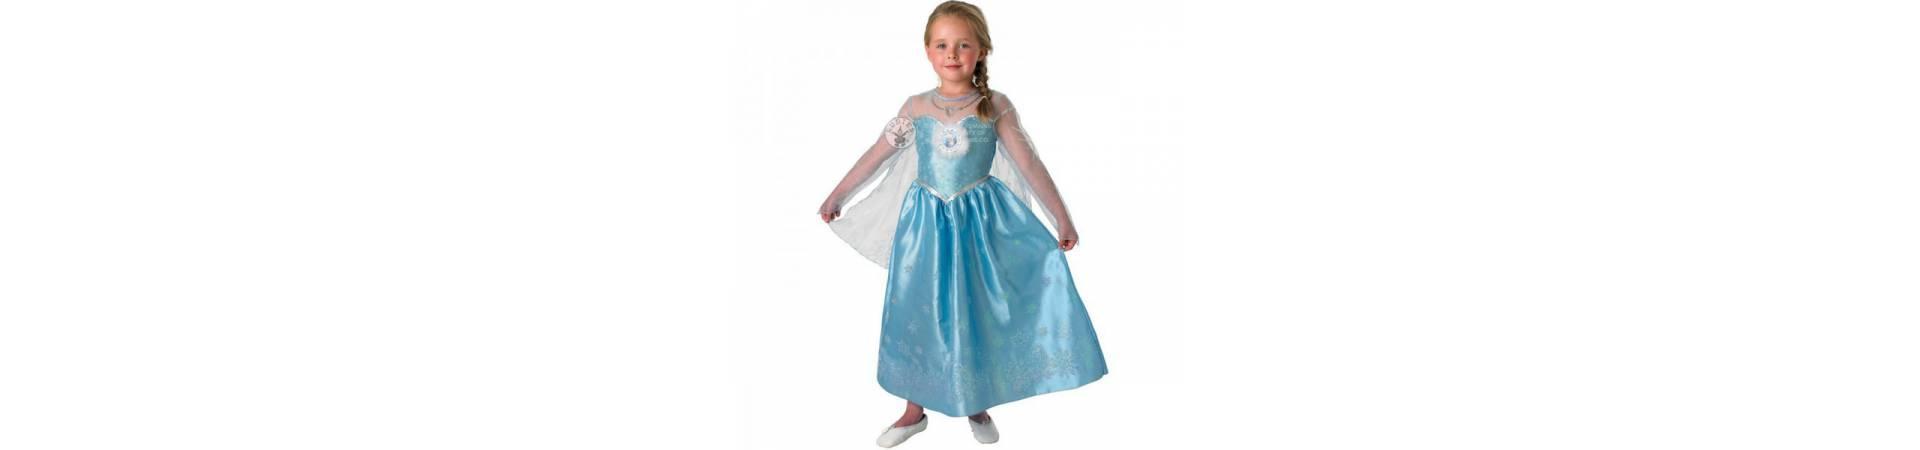 Frozen - Fancy Dress